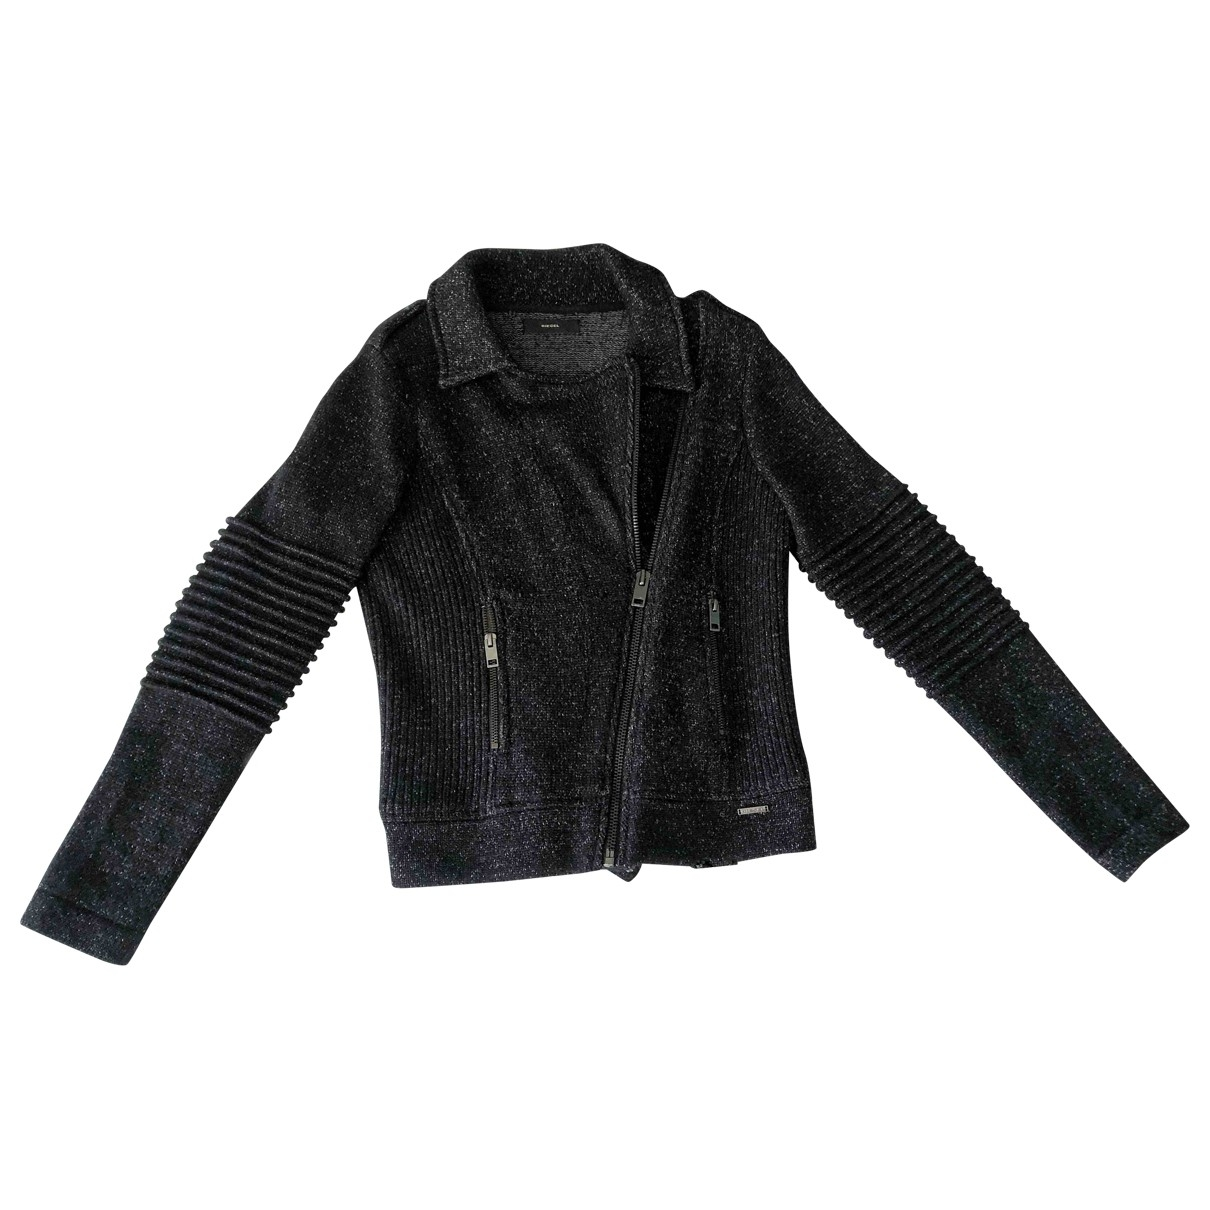 Diesel - Veste   pour femme en laine - anthracite